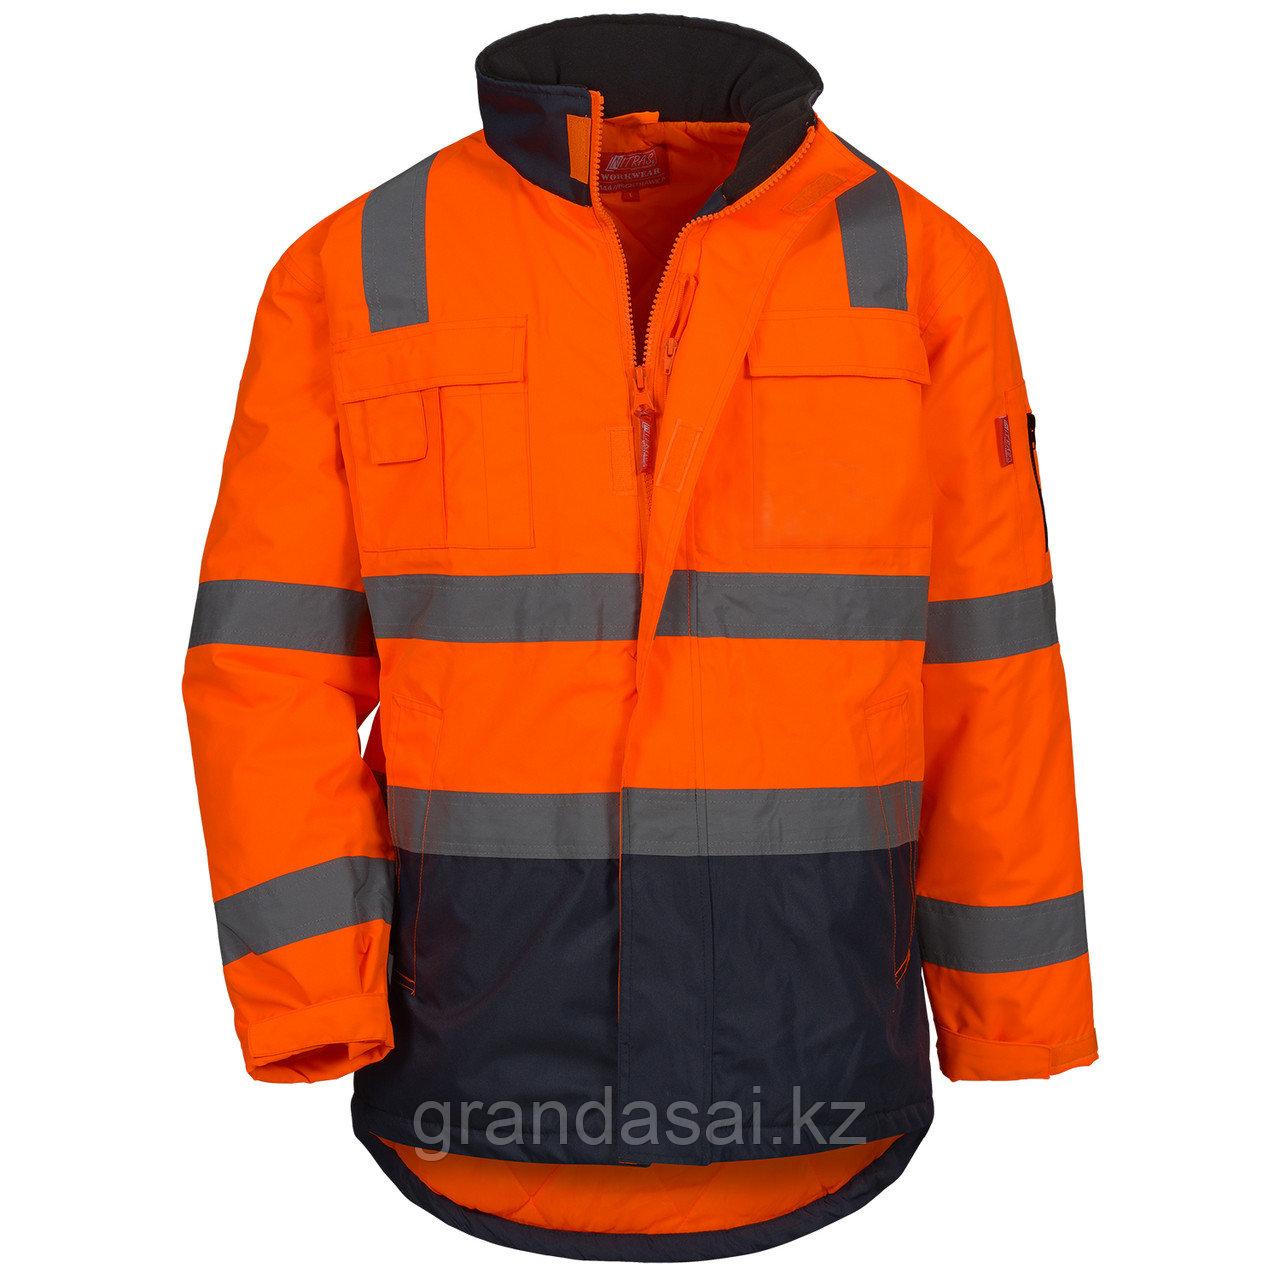 Куртка сигнальная оранжевая